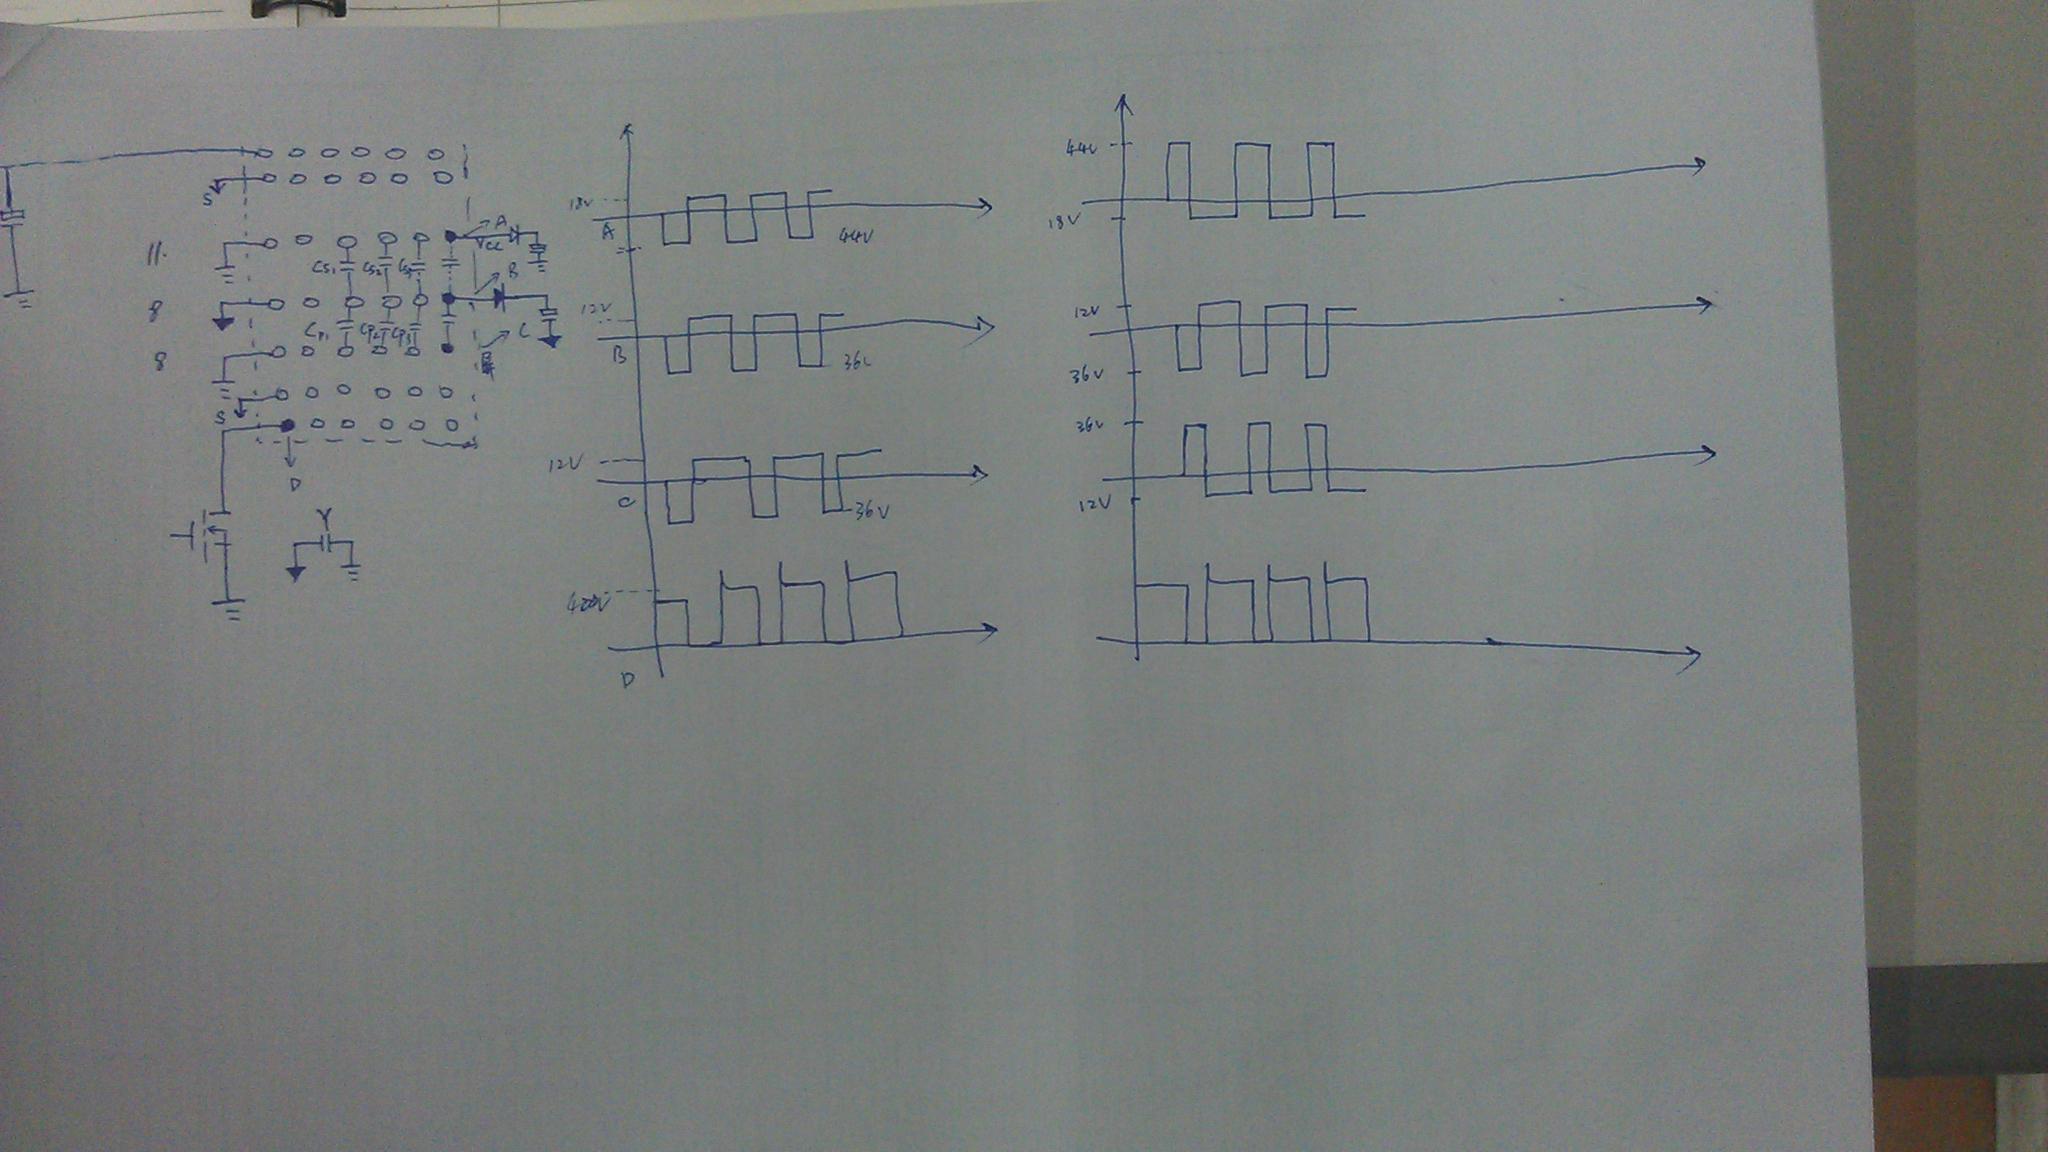 ,耗能和辐射的根源之一。再换一种Z绕法,按此法计算一下外观总电容,看看两种绕法初级绕组层间分布电容的大小,就知道哪种绕法分布电容像海绵一样吸收能量比较大一些了。组间分布电容也可照搬。 共模变差模: 比如,共模是两条信号线加公共地线,共三线,两条信号线分别对地有相同的2V交流,是共模信号,如果两条信号线分别有不同的串联线阻,输出给后级,而后级有不同的输入电阻对地,结果就是分压比不同,那么传到后级的两个信号线之间就有电压差,这个就是由共模传导变化过来的差模信号。这个地,可以是电源地,也可以是机壳地,也可以是环